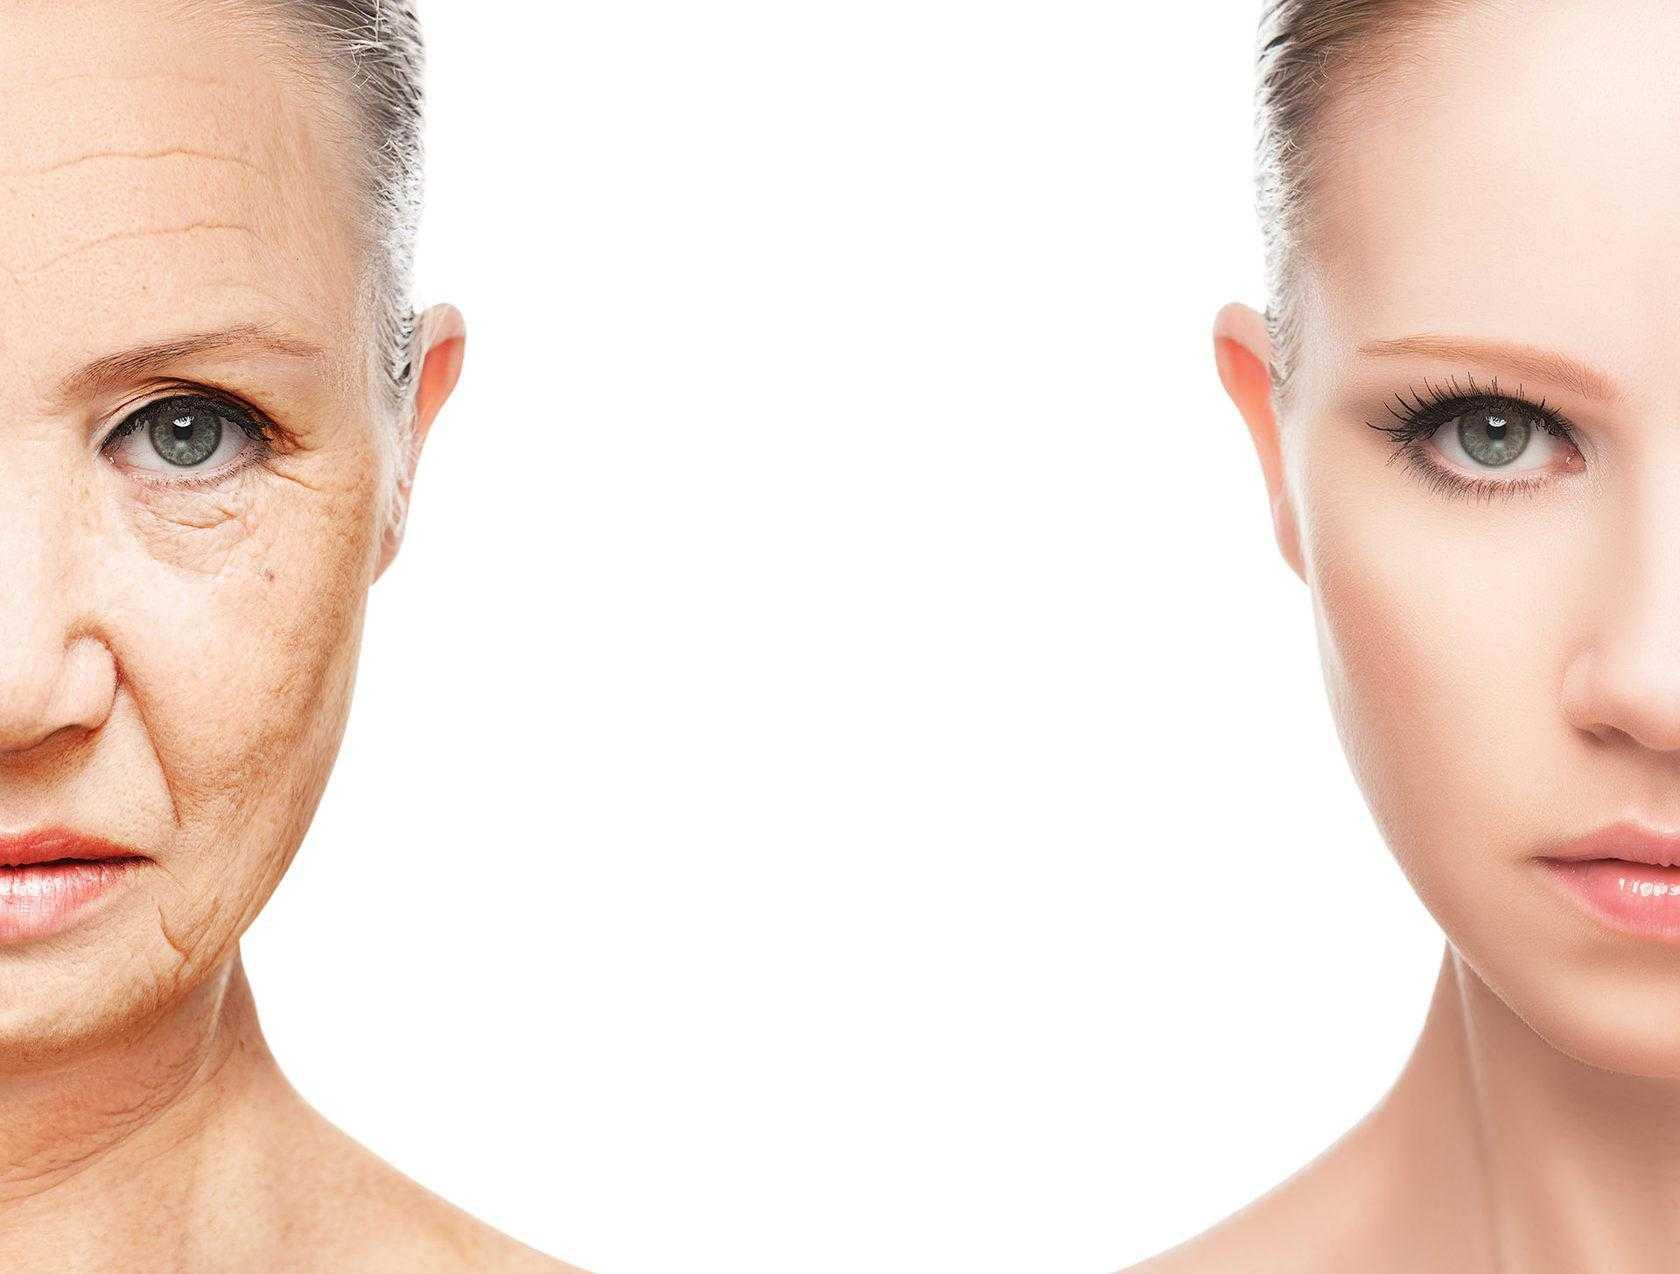 Как скрыть возраст при помощи антивозрастного макияжа? пошаговое руководство к созданию образа